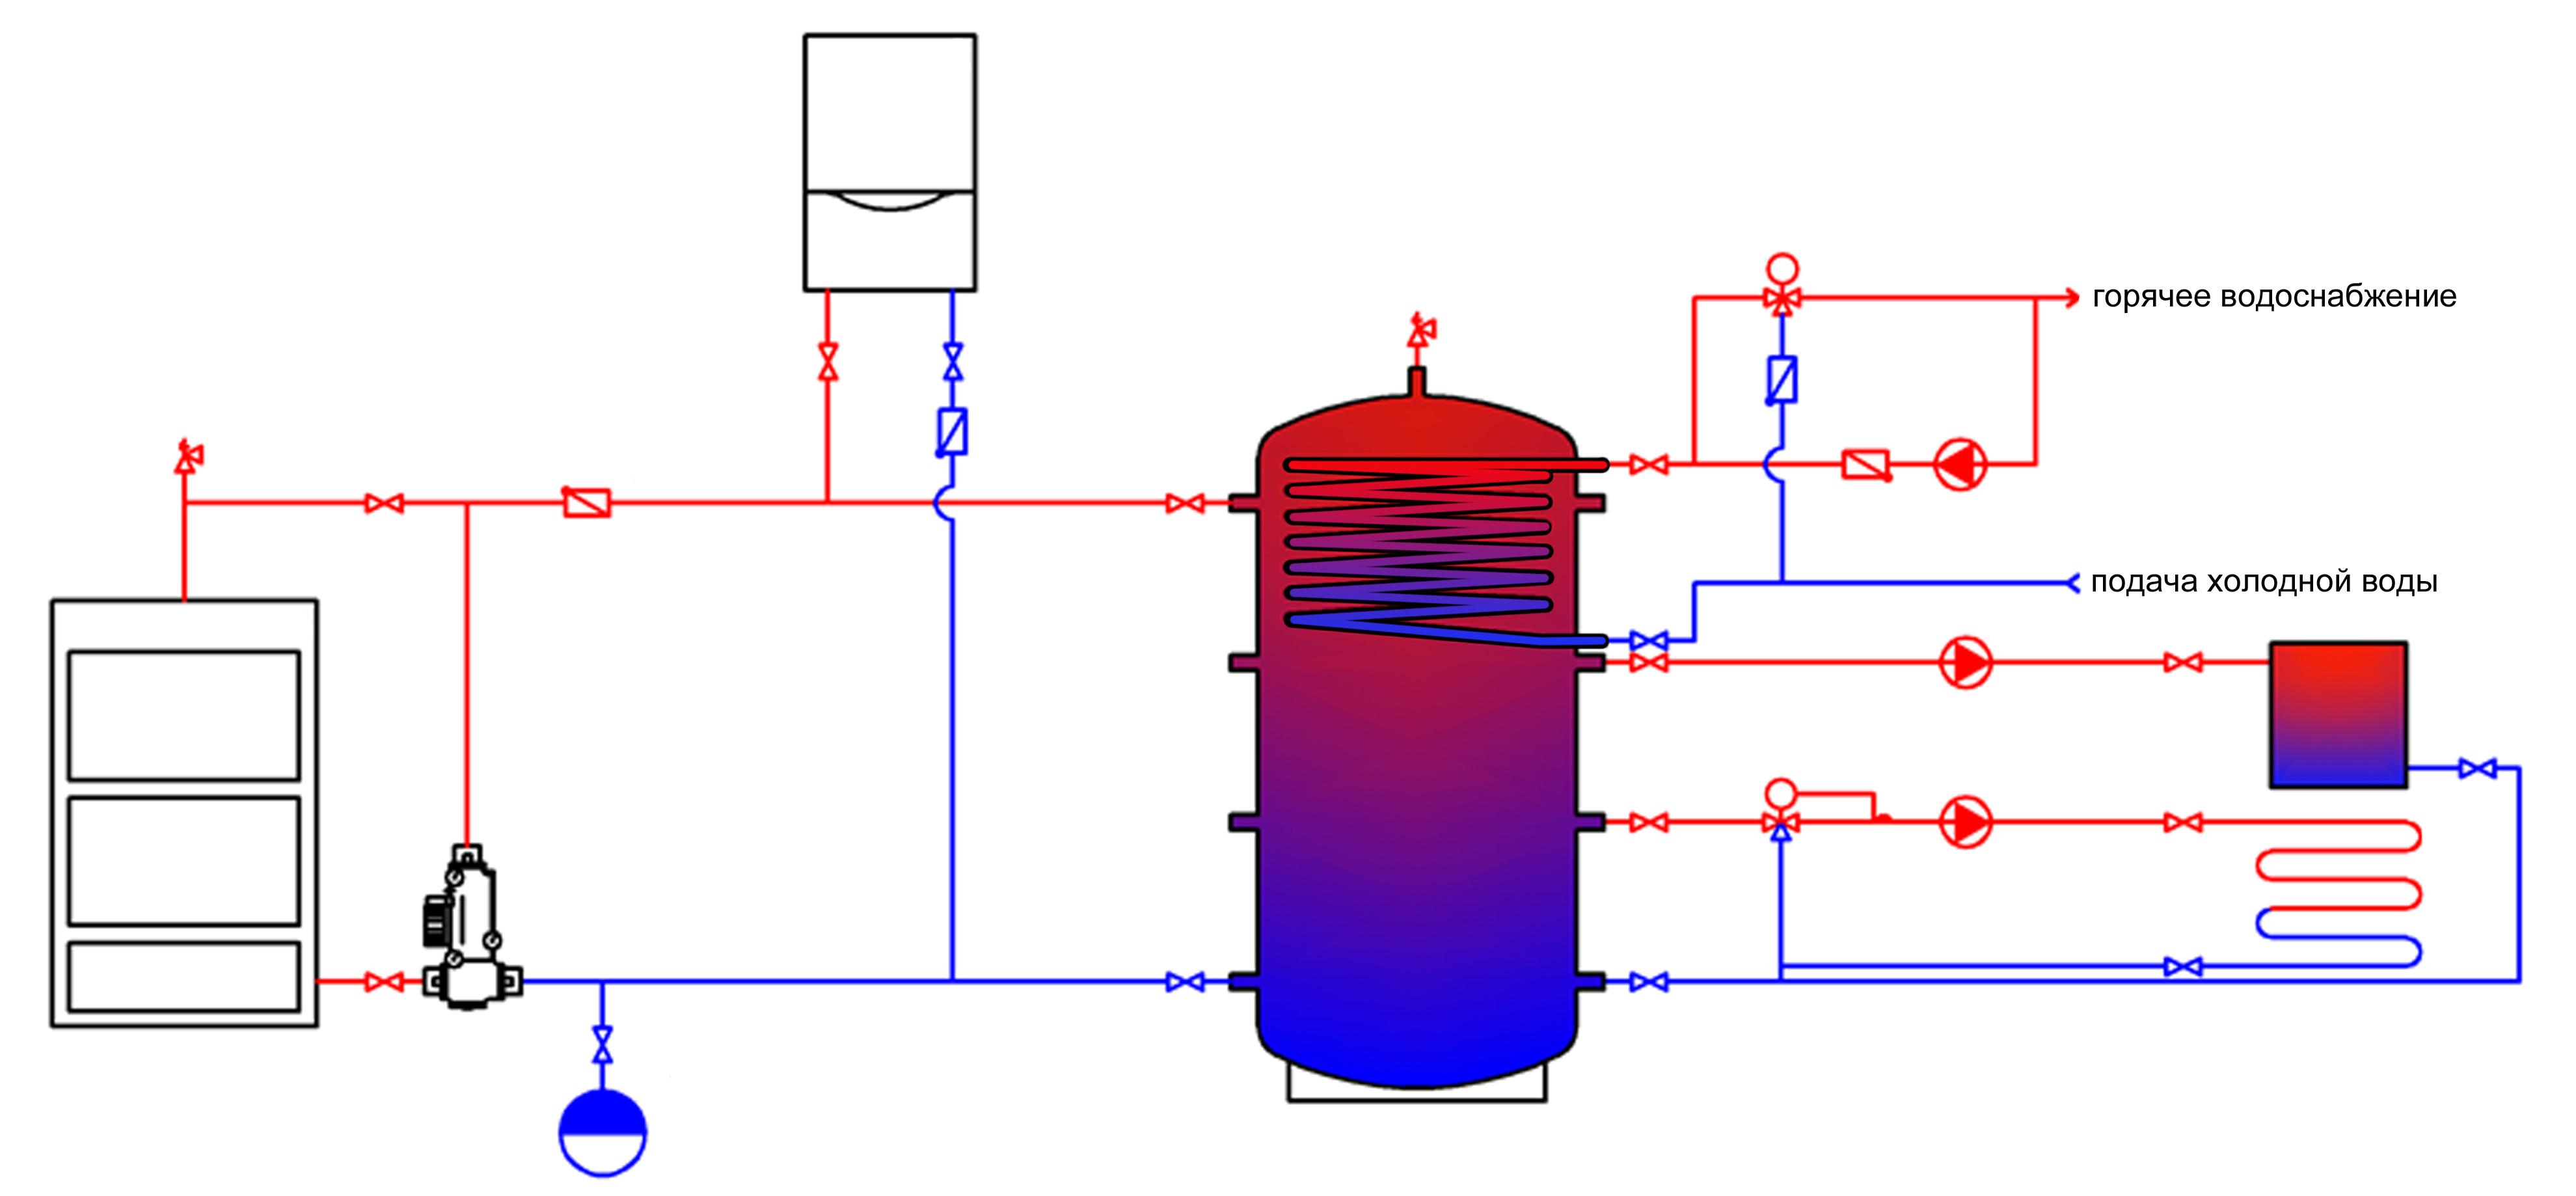 Конструкция теплообменника отопления Пластины теплообменника Теплохит ТПР 6 Балаково